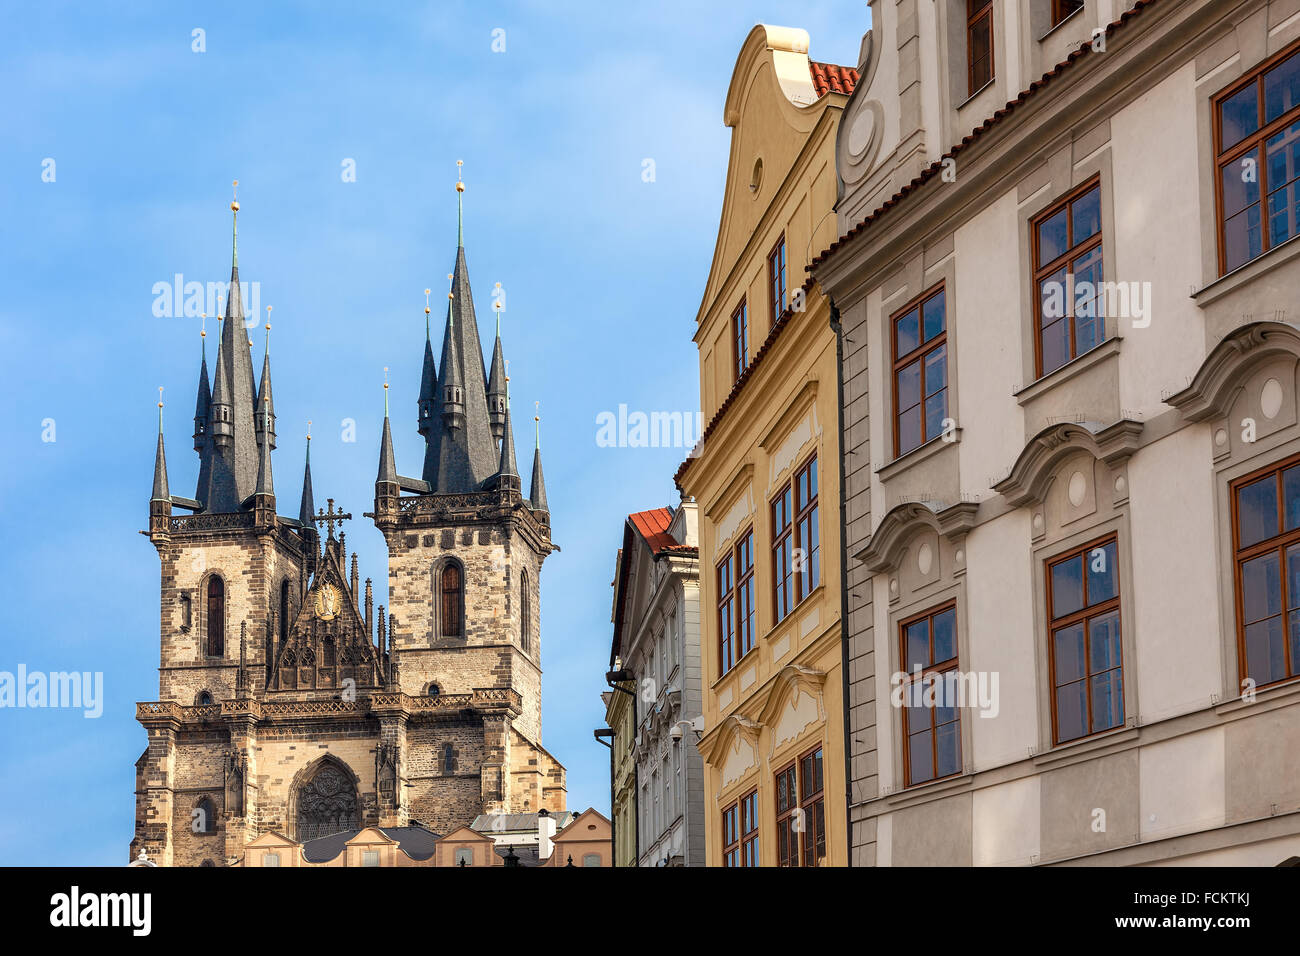 Arquitectura típica y la iglesia de Nuestra Señora antes de Tyn en Praga, República Checa. Imagen De Stock